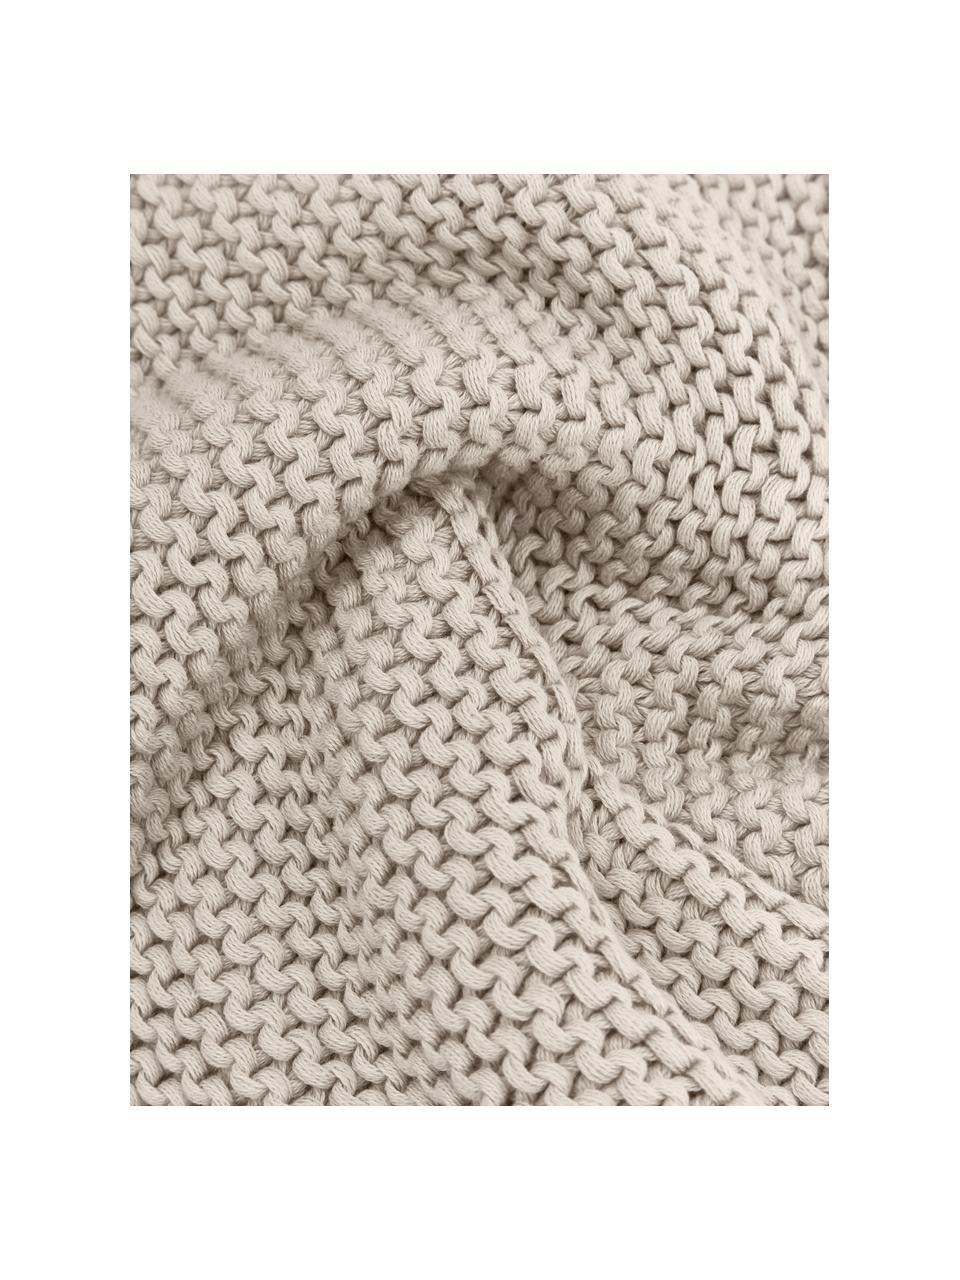 Koc z bawełny organicznej Adalyn, 100% bawełna organiczna, certyfikat GOTS, Beżowy, S 150 x D 200 cm